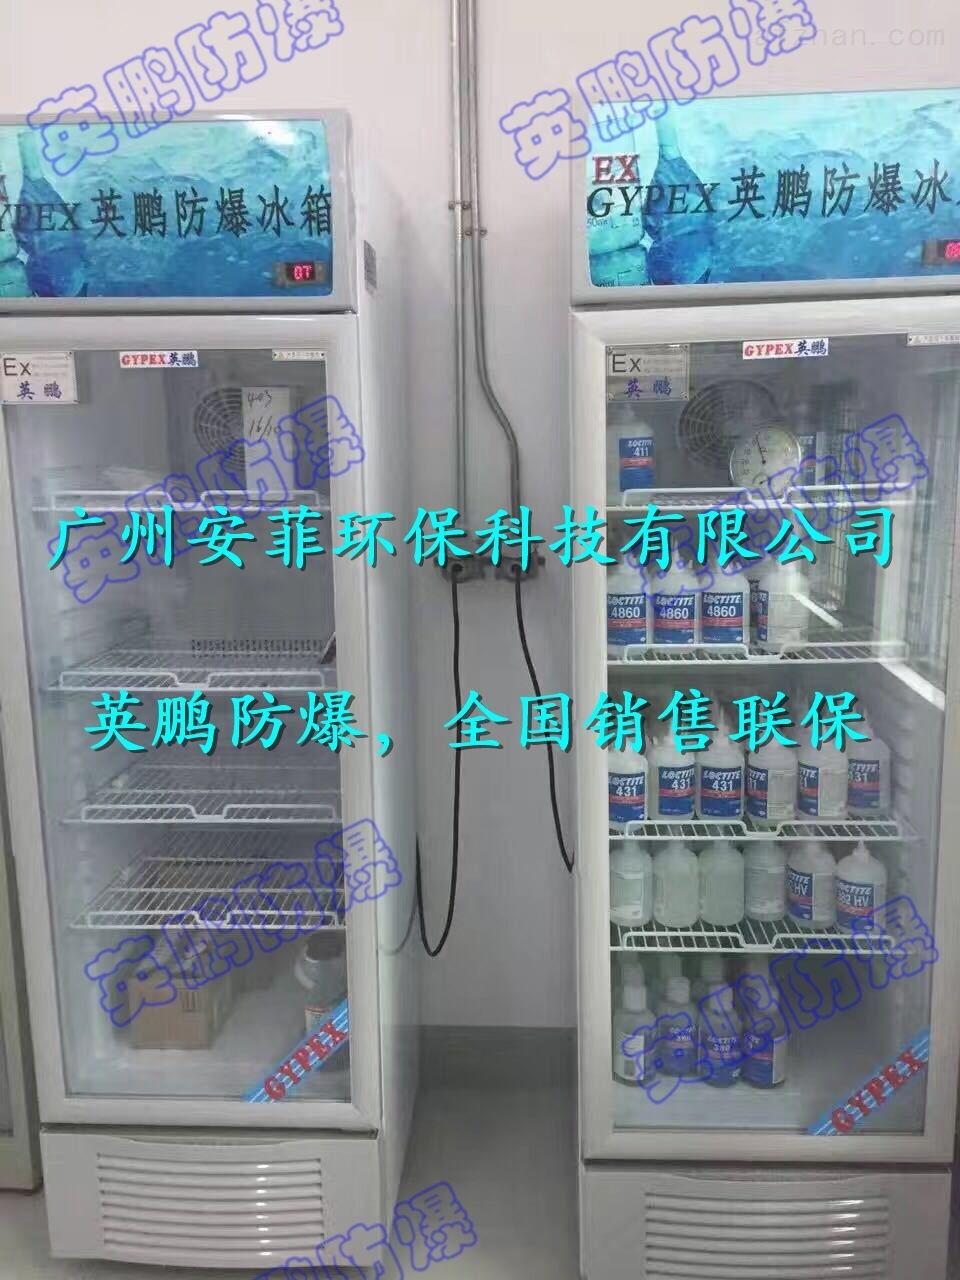 防爆冷藏冰箱,化工品防爆冰箱